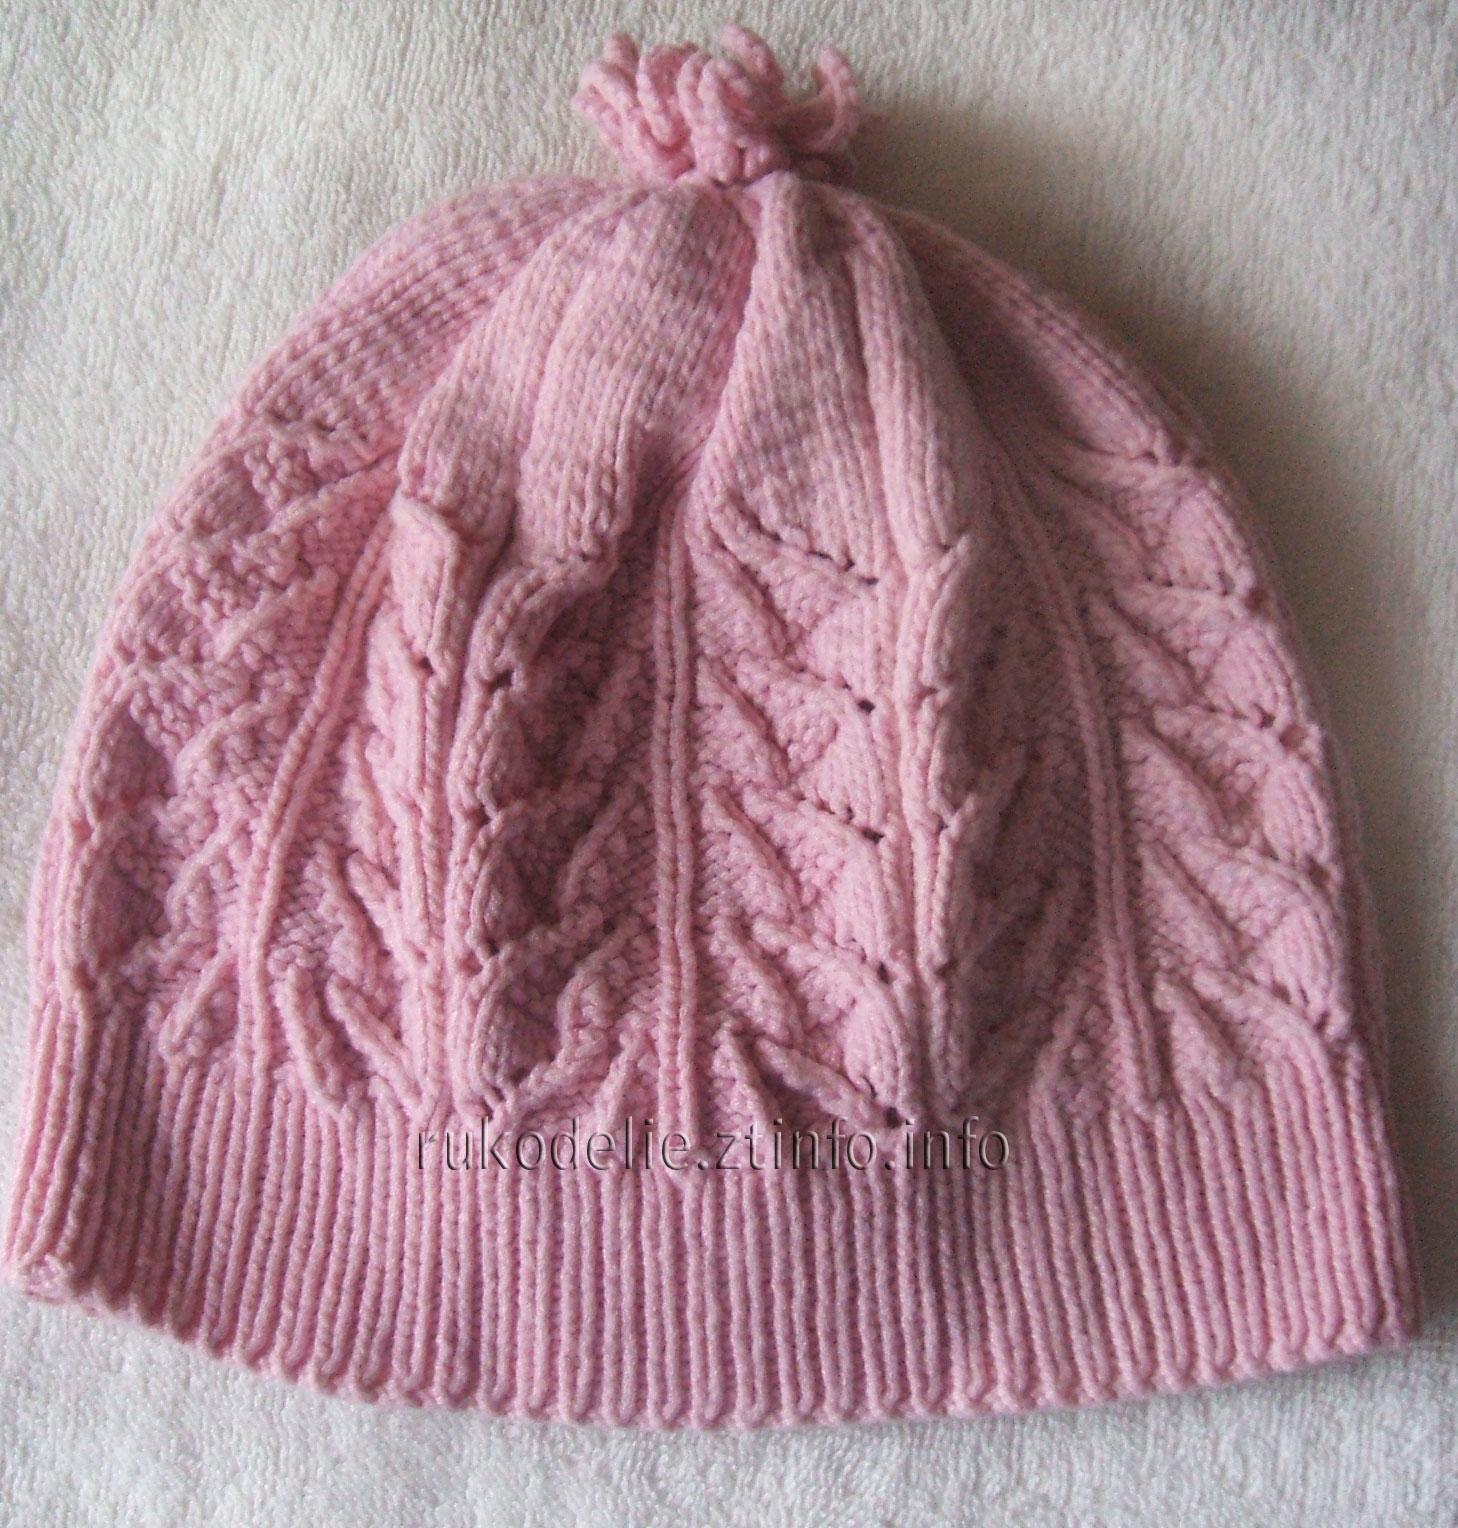 Зимняя шапочка для девочки вязаная спицами. Aраны жгуты. Модель.